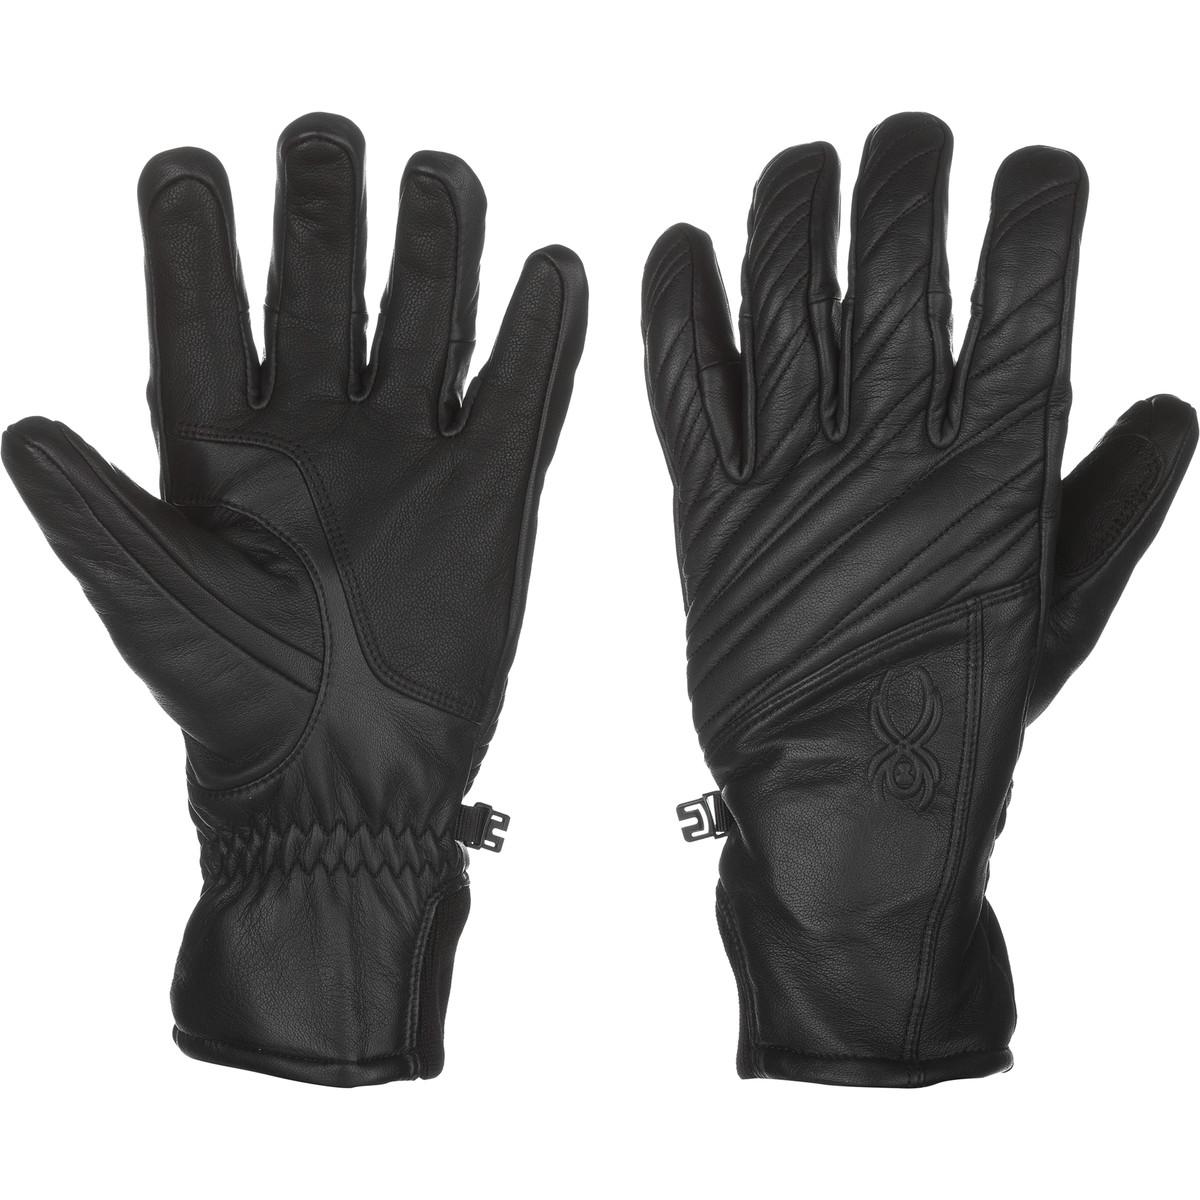 Spyder Rage Glove